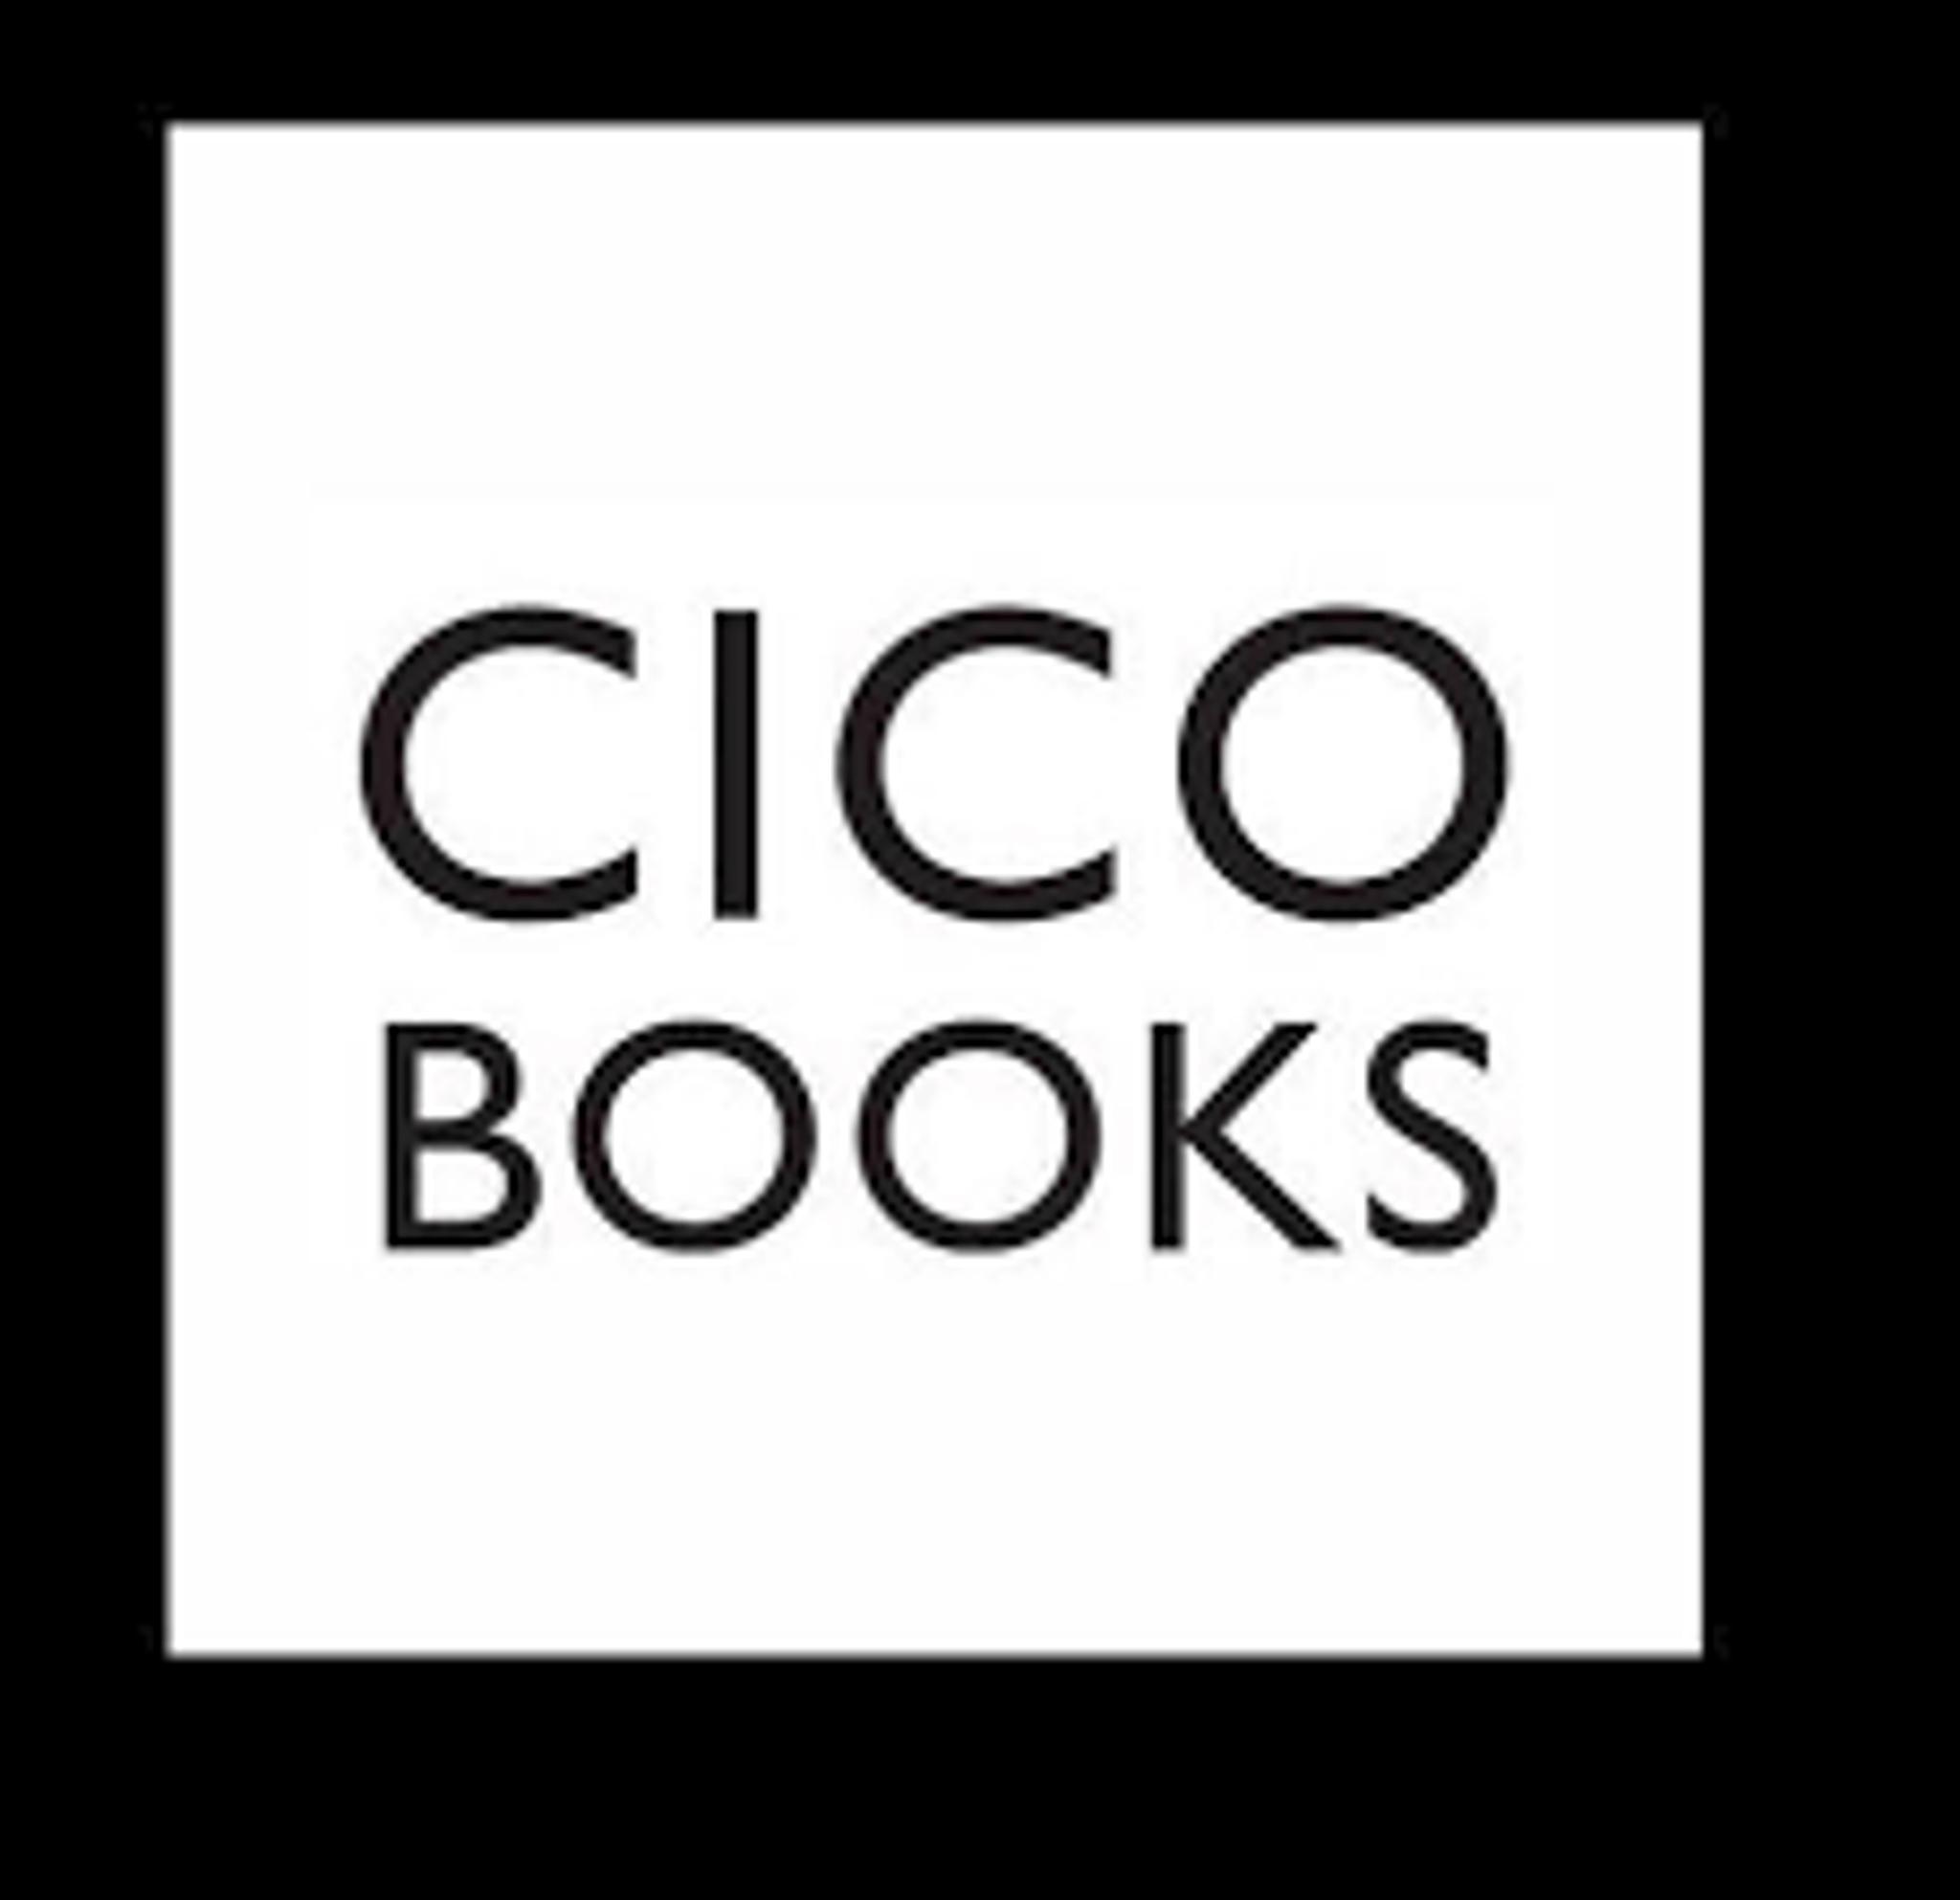 Cico Books